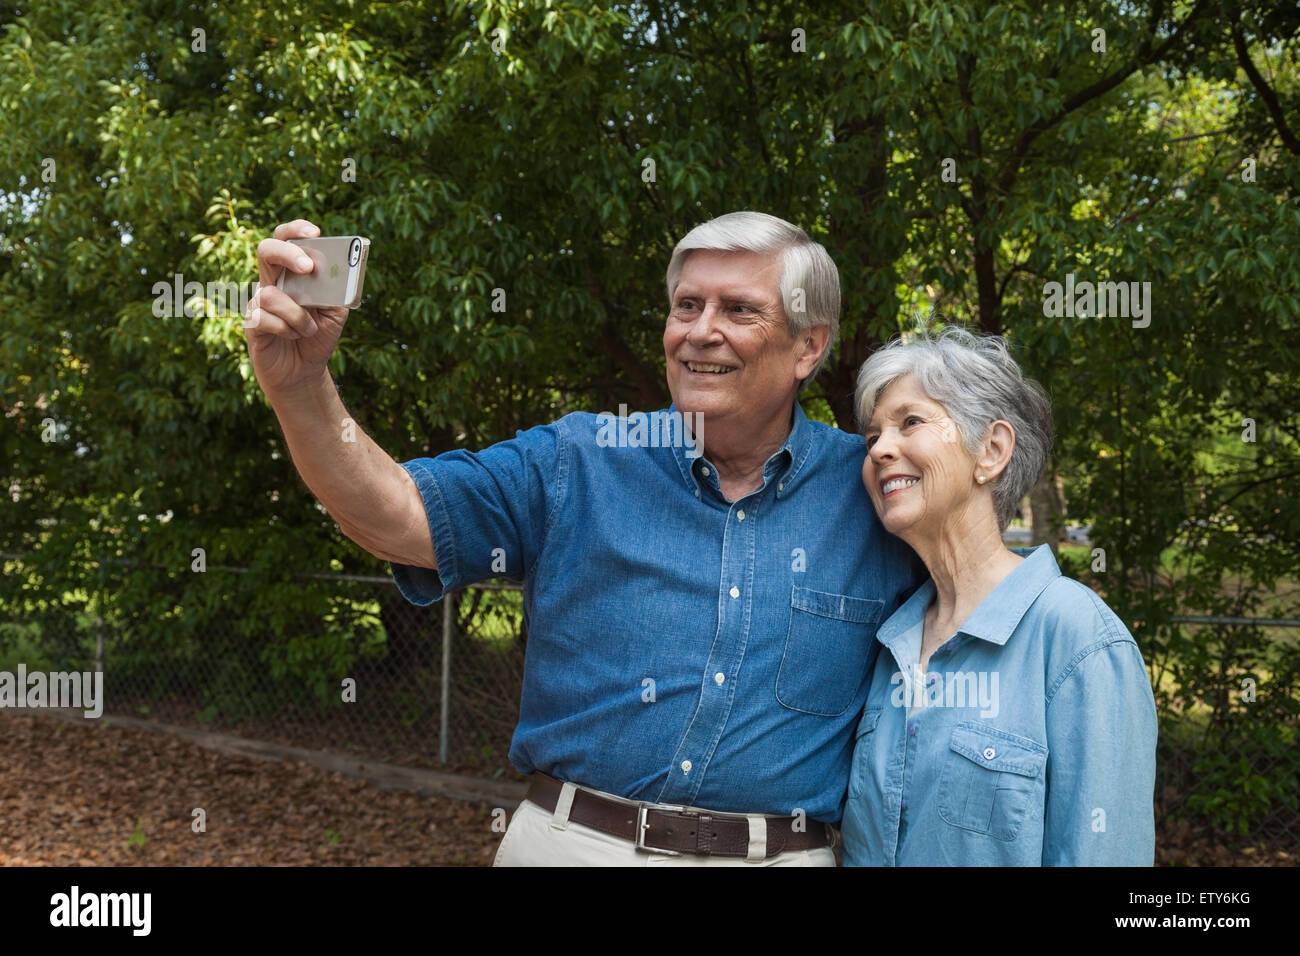 Coppia senior prendendo un 'Selfie' con lo smartphone. Immagini Stock